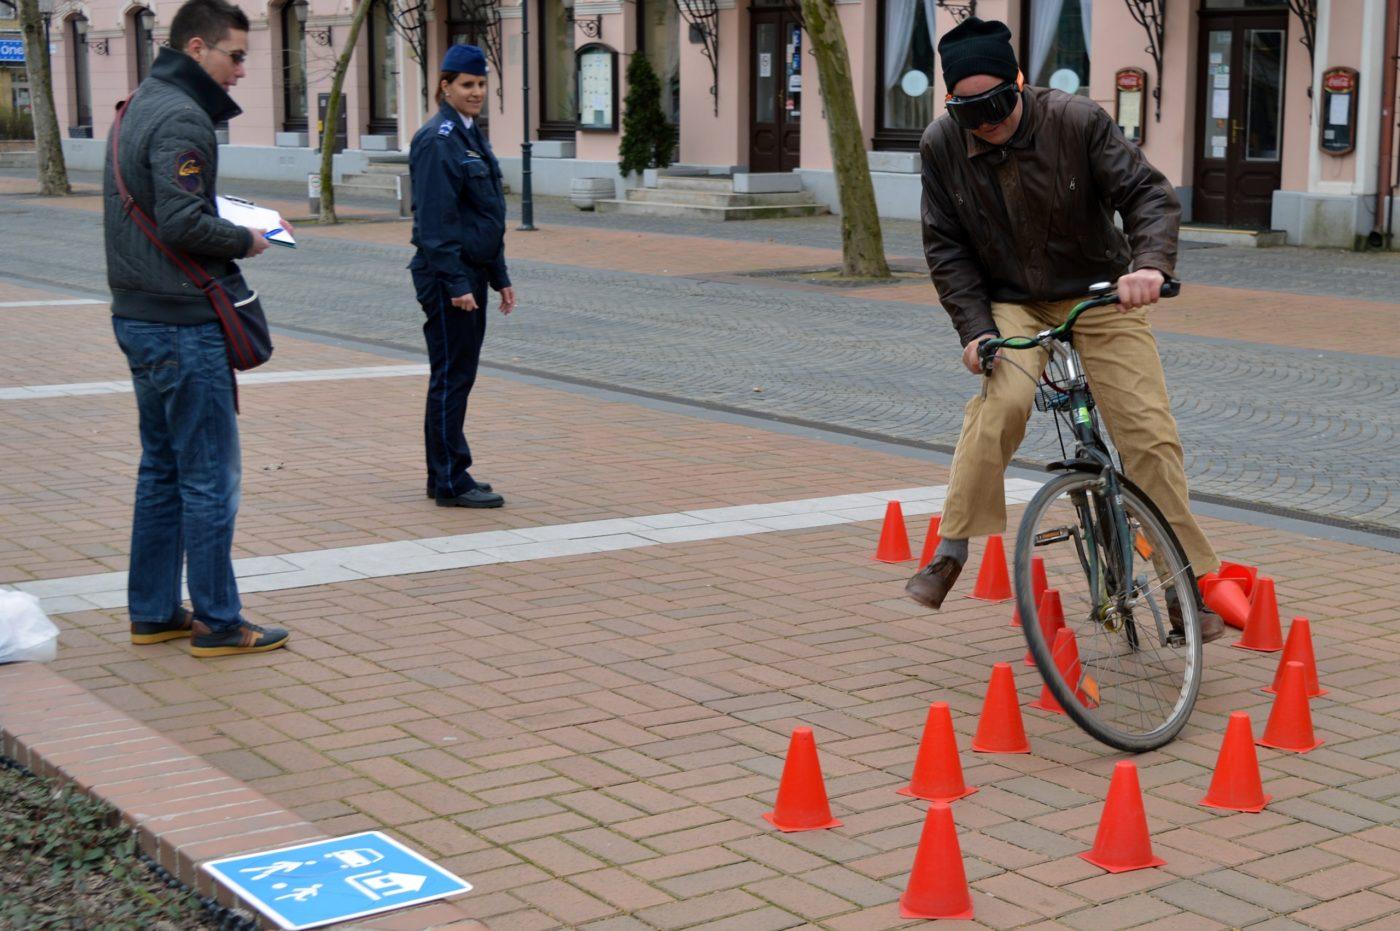 Ittasan kerékpározott, elesett és megsérült